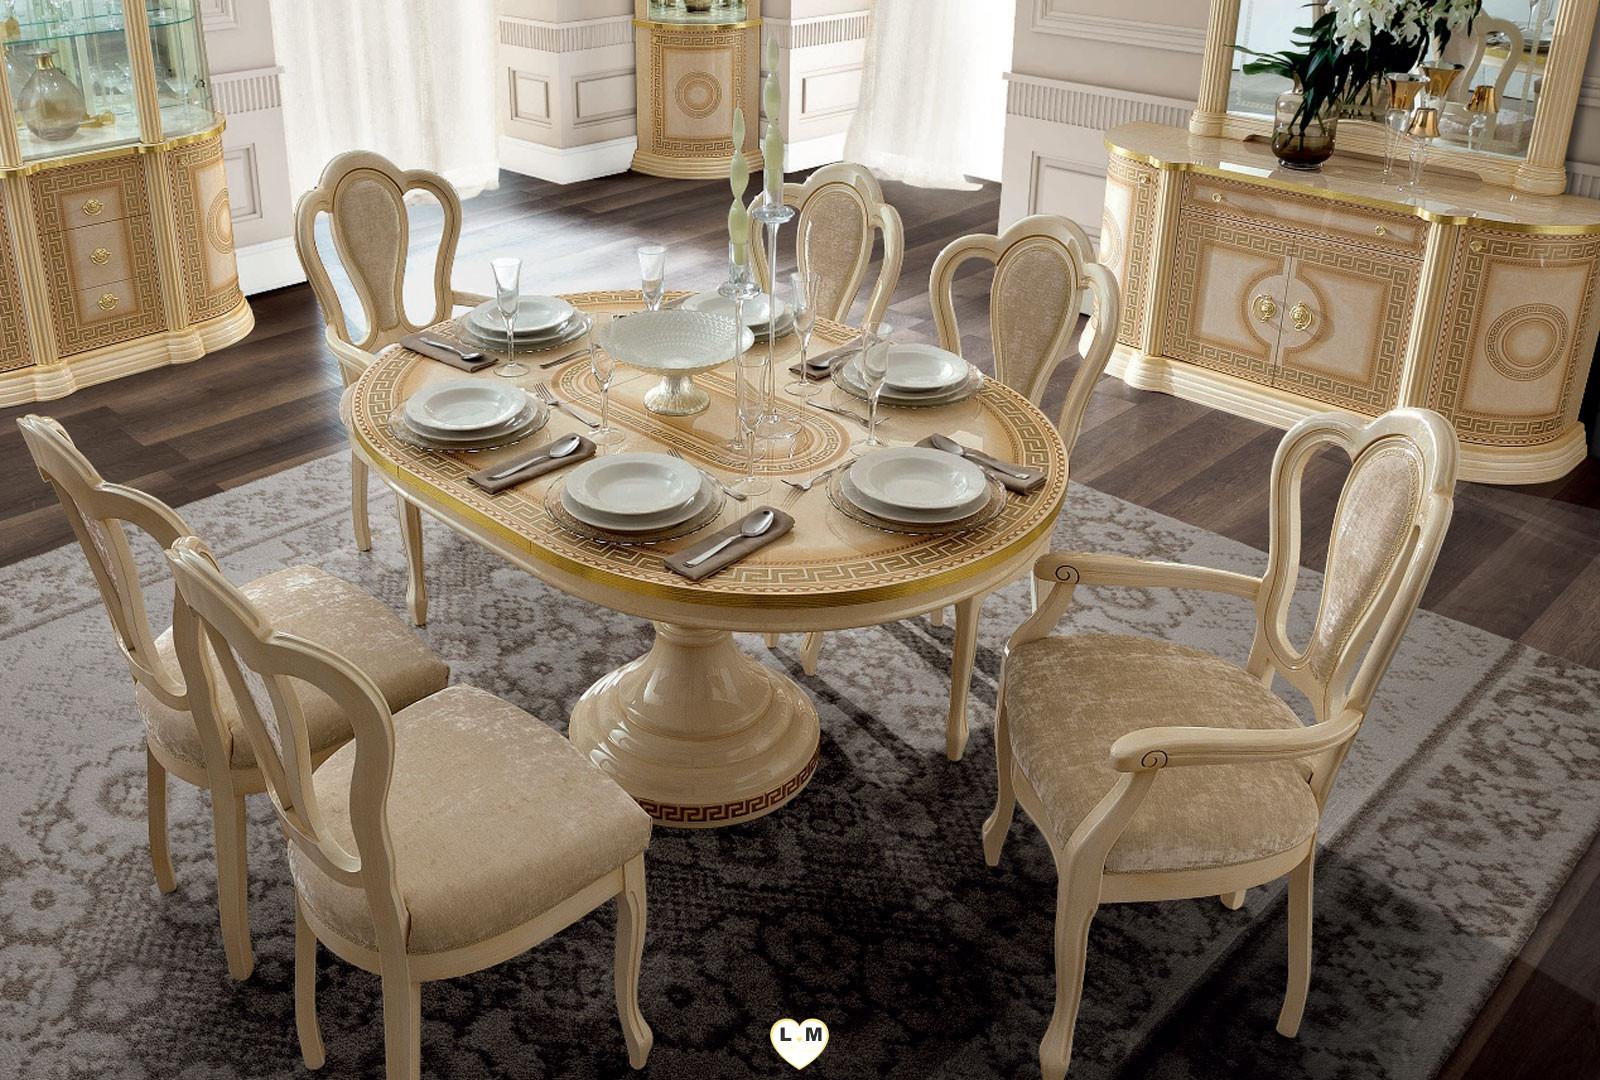 Caesar laque ivoire et dore ensemble sejour salle a manger for Ensemble salle a manger avec buffet